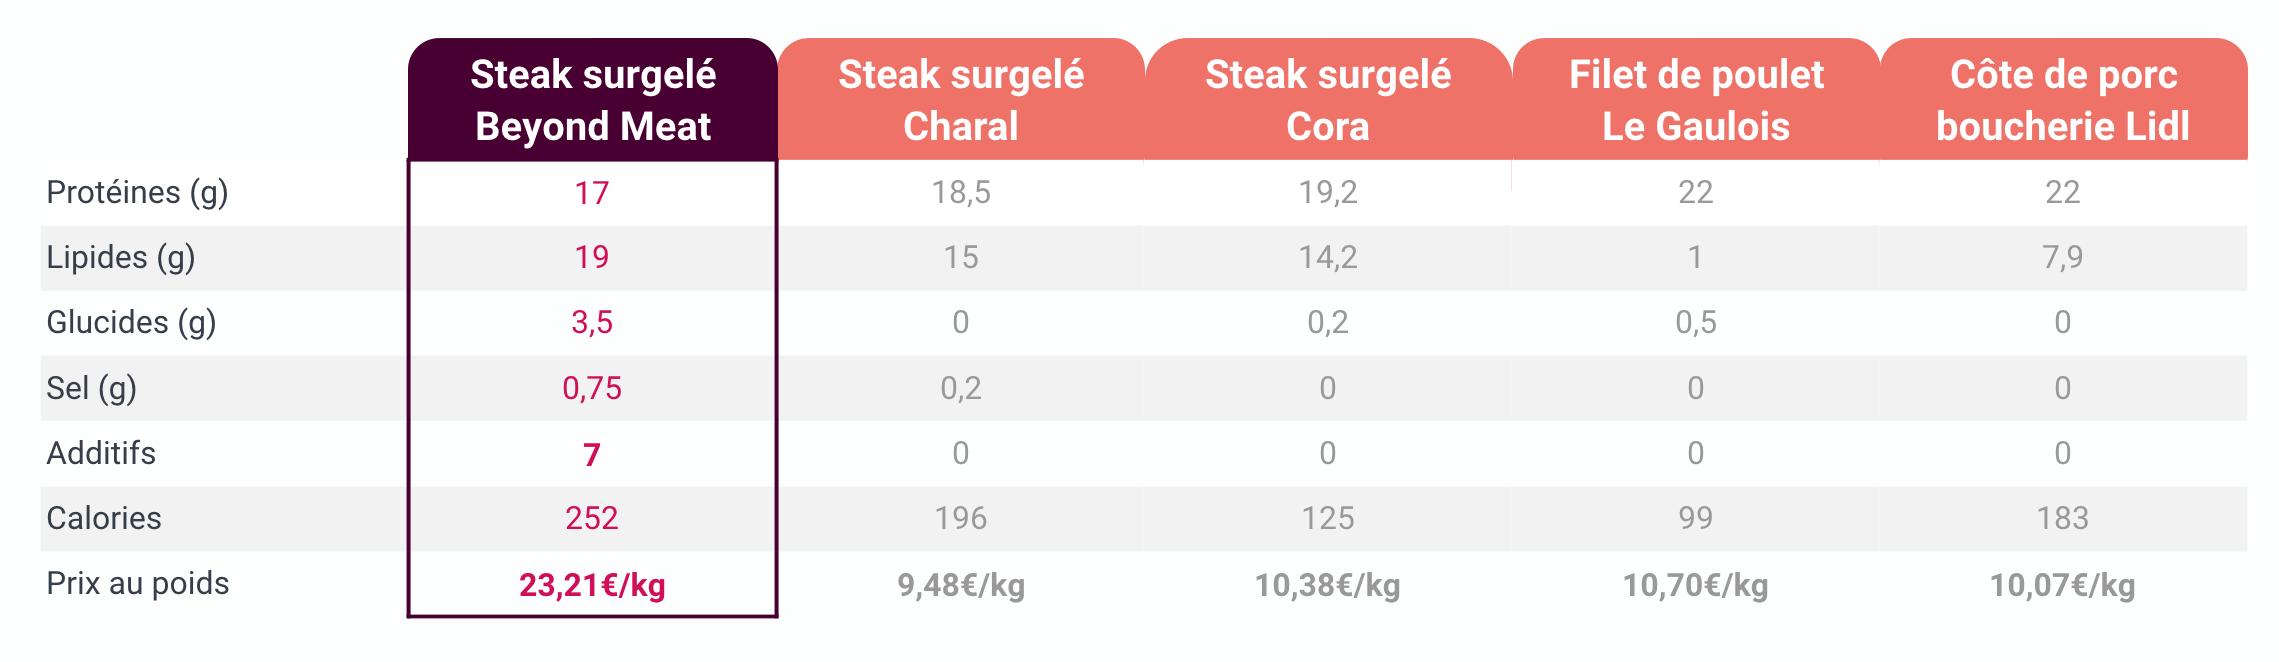 Tableau comparatif du steak beyond meat avec d'autres viandes